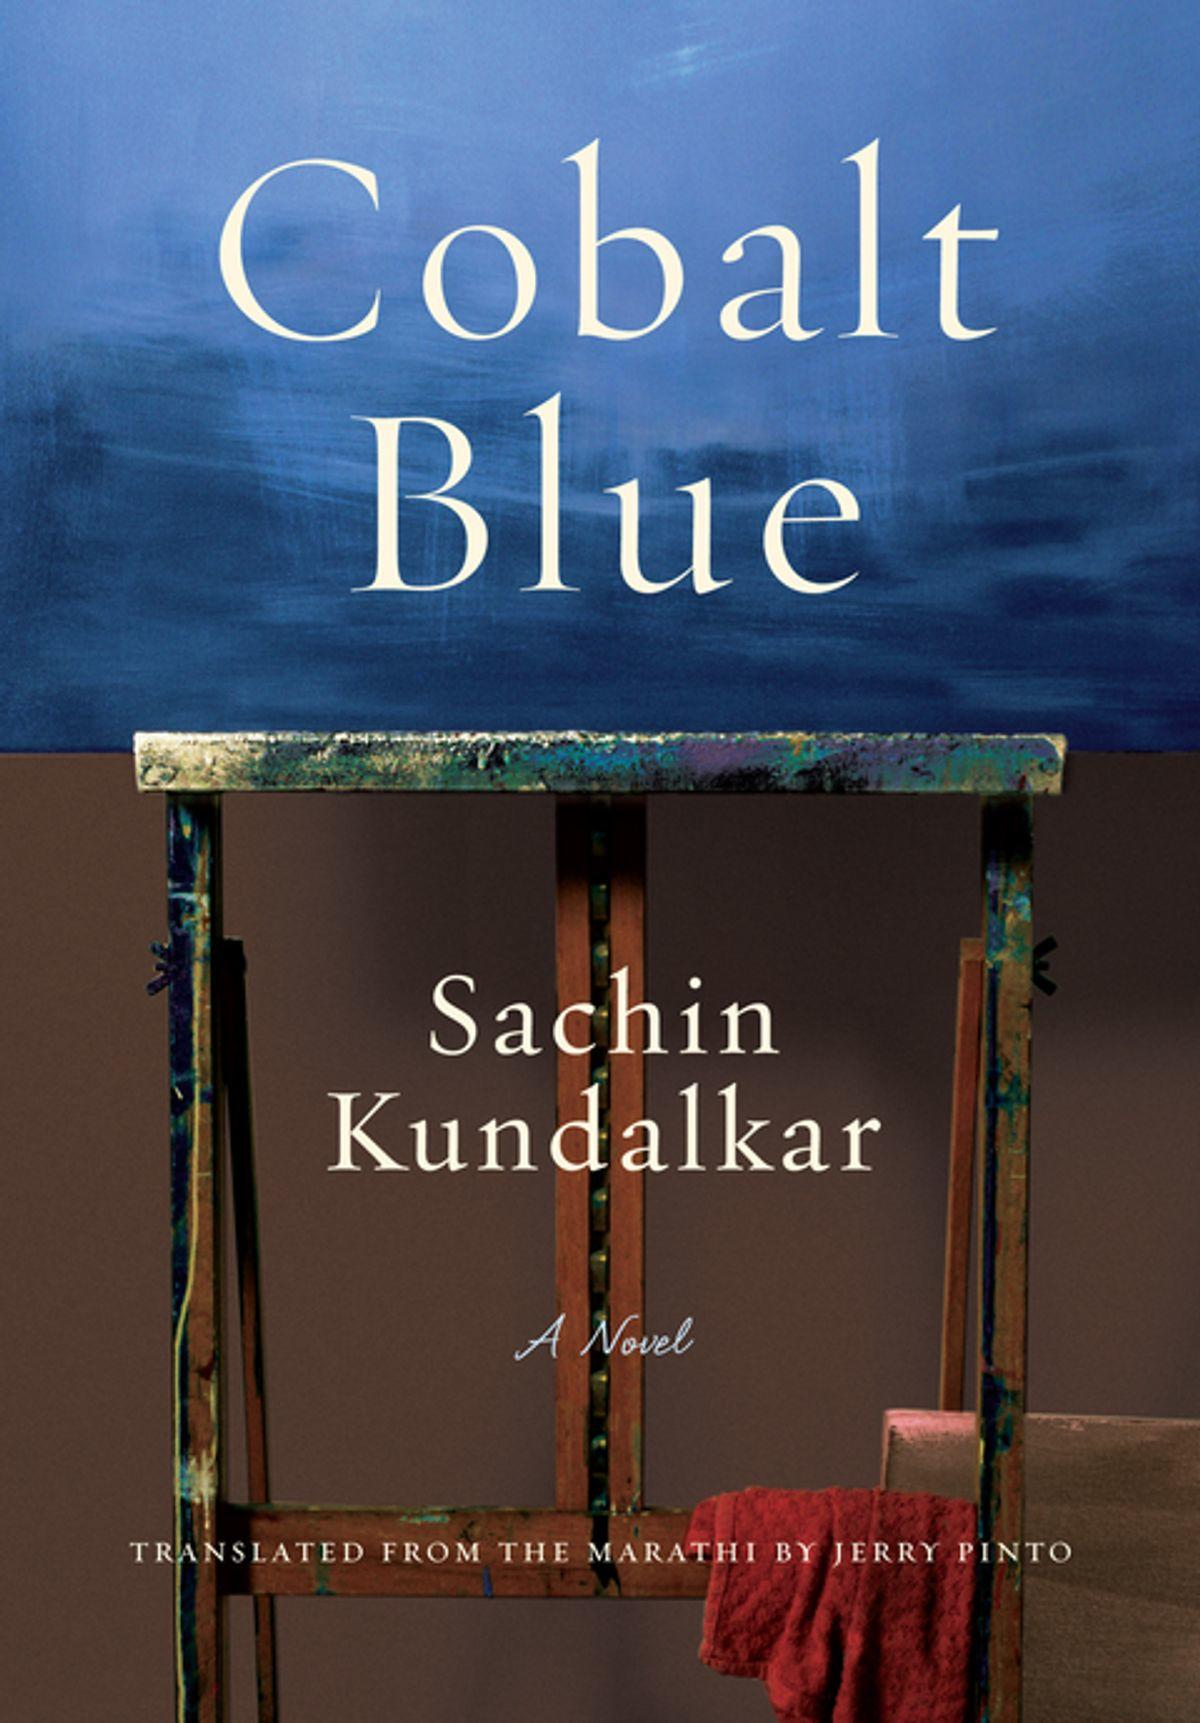 8. Cobalt Blue